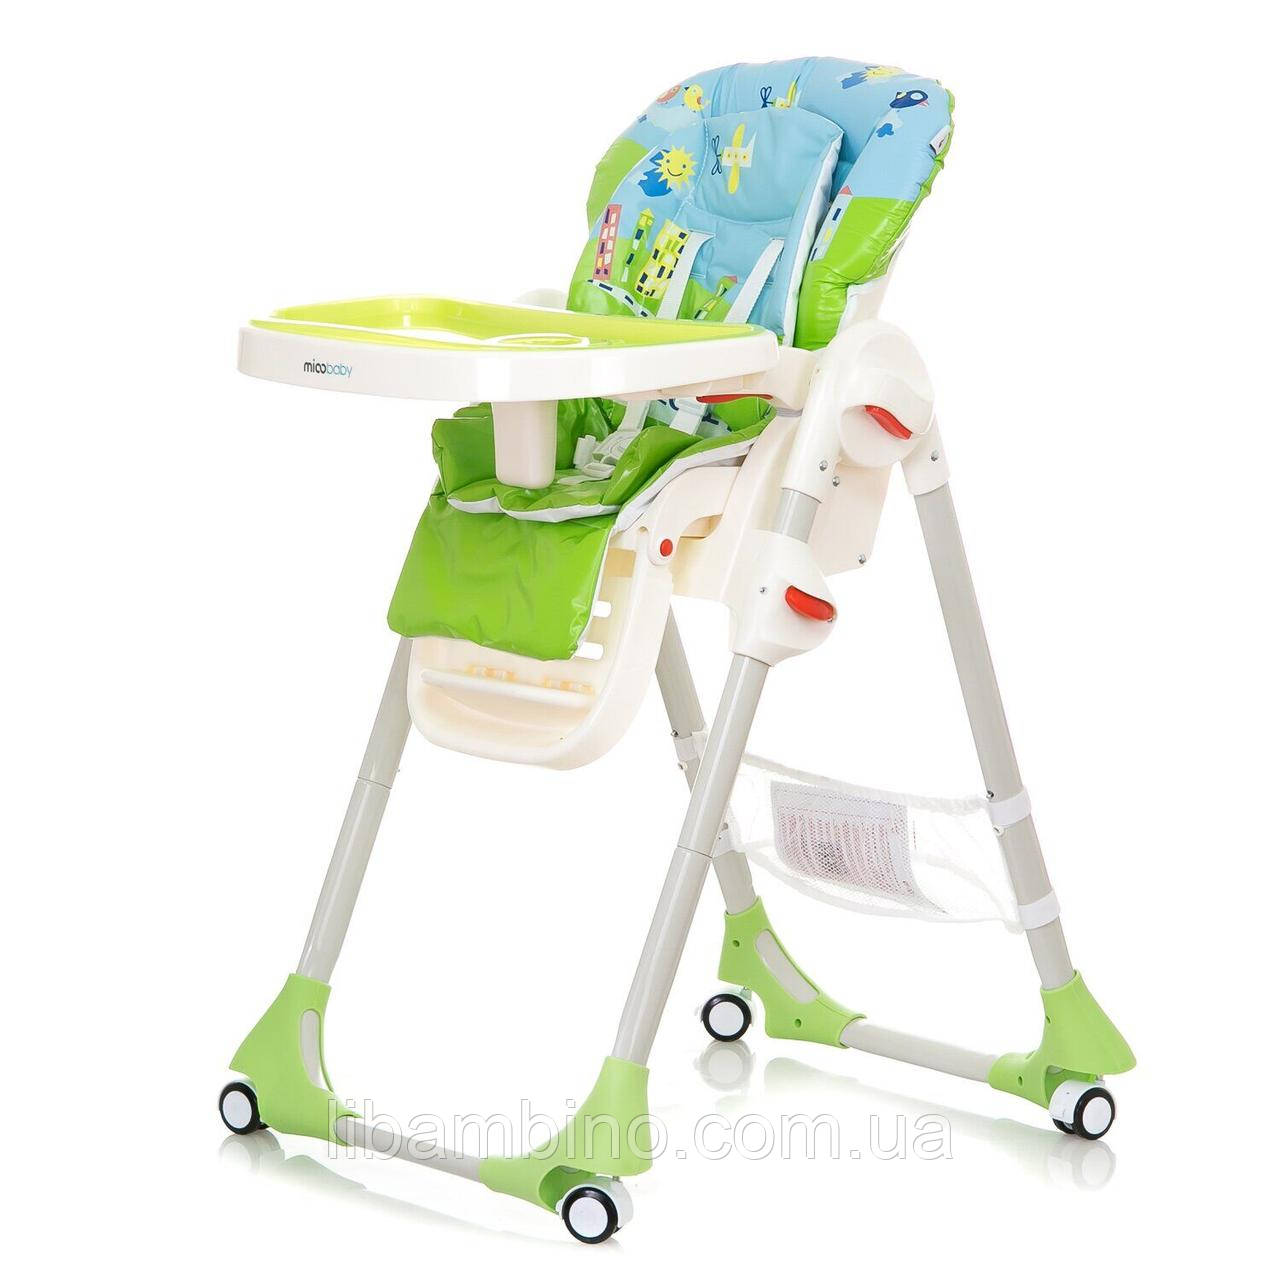 Дитячий універсальний стільчик для годування Mioobaby Rio  - Green